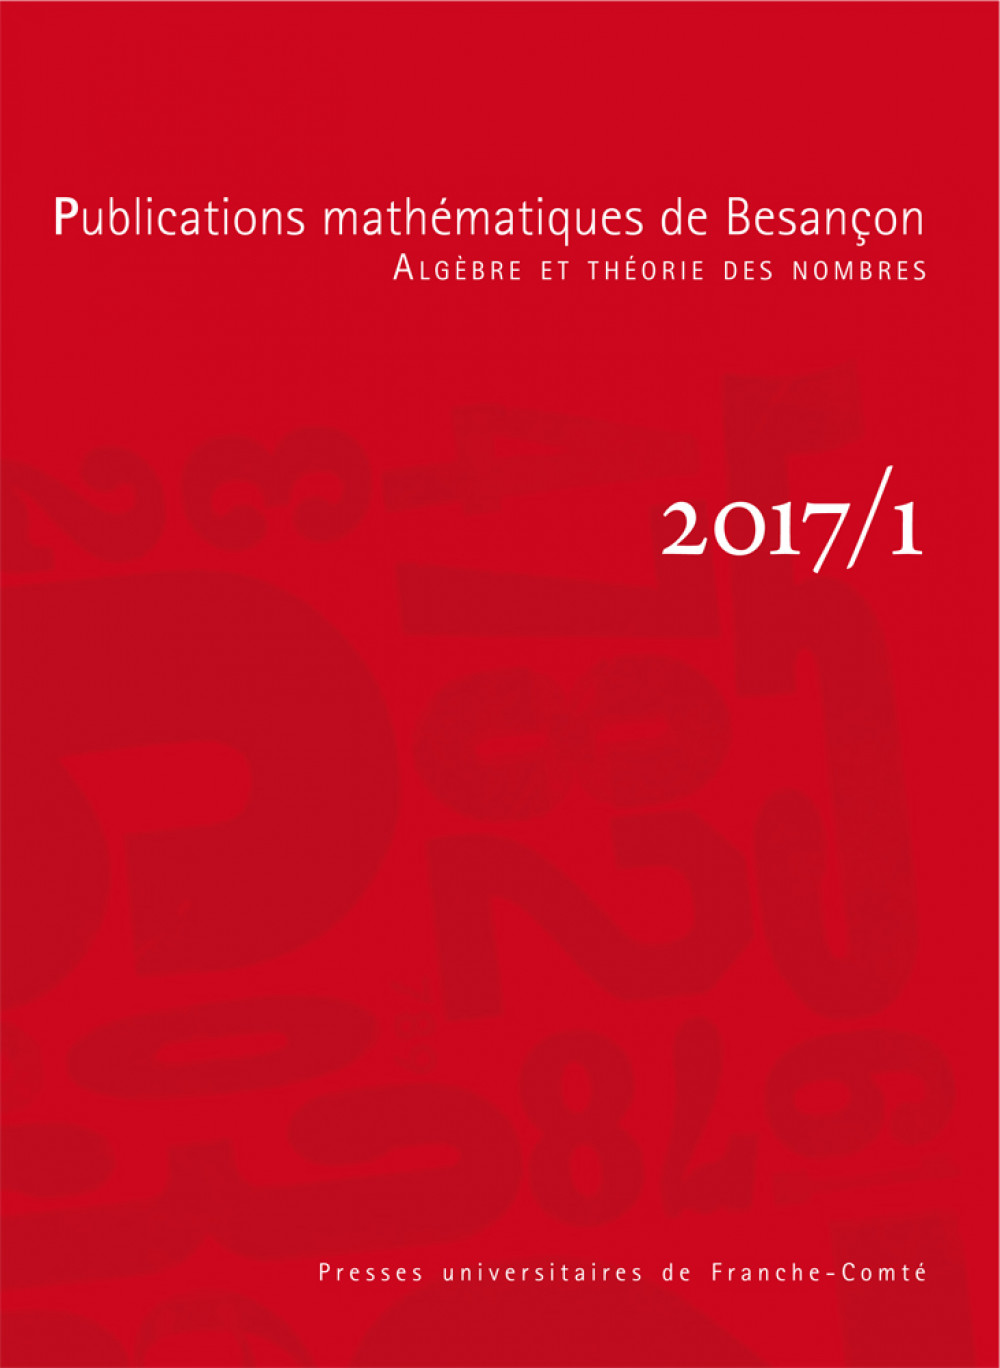 Publications mathématiques de Besançon - Algèbre et théorie des nombres - numéro 2017/1